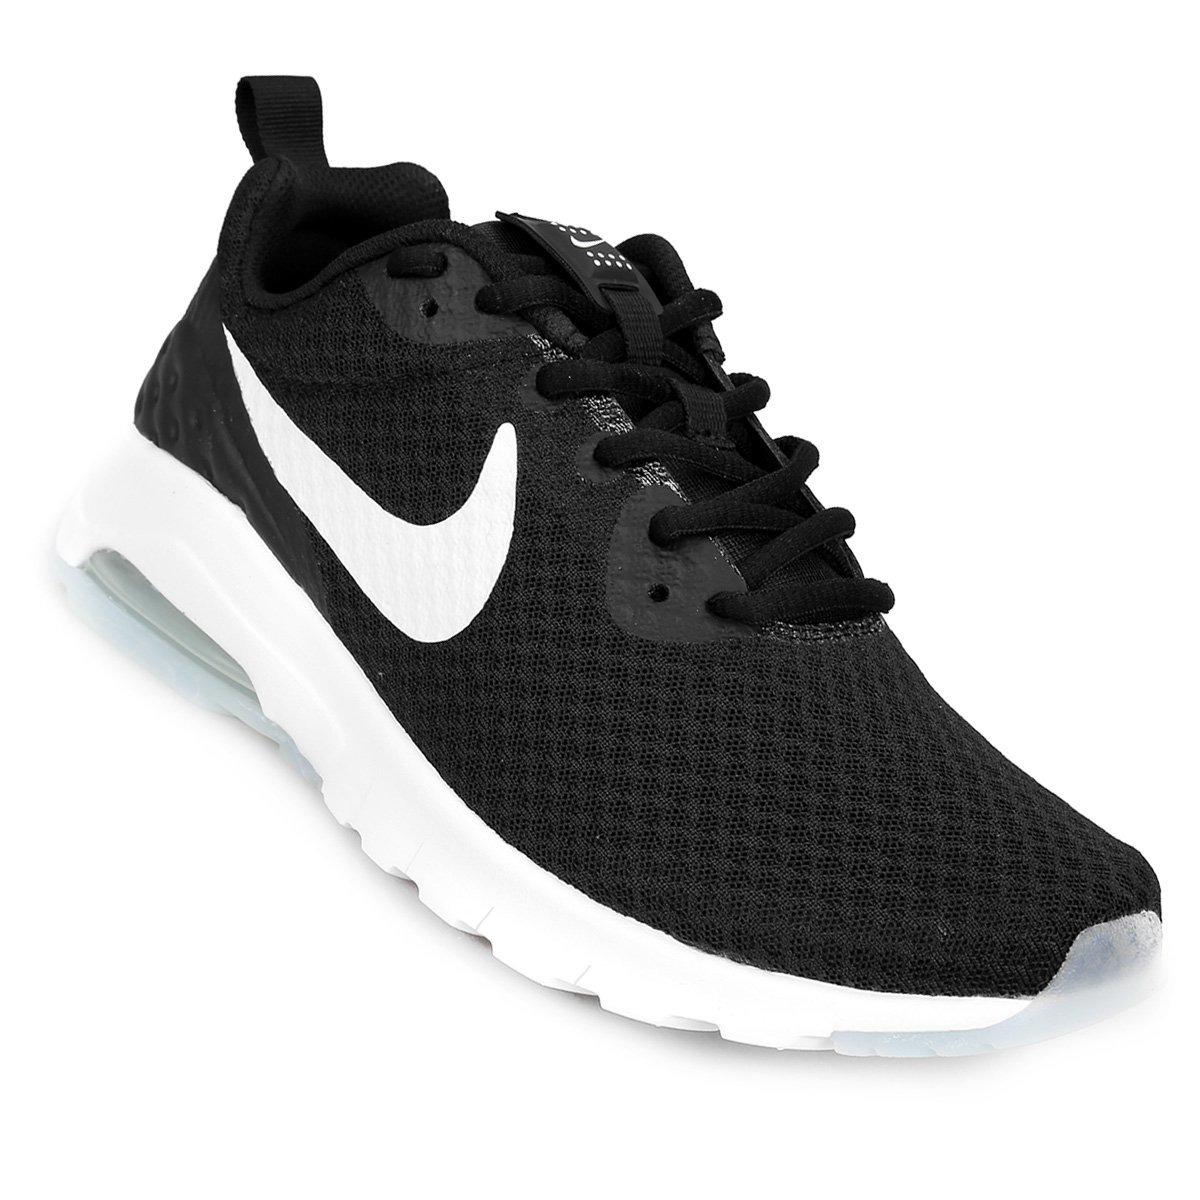 Zapatillas Nike Air Max Motion Lw Hombre Urbanas C Envio